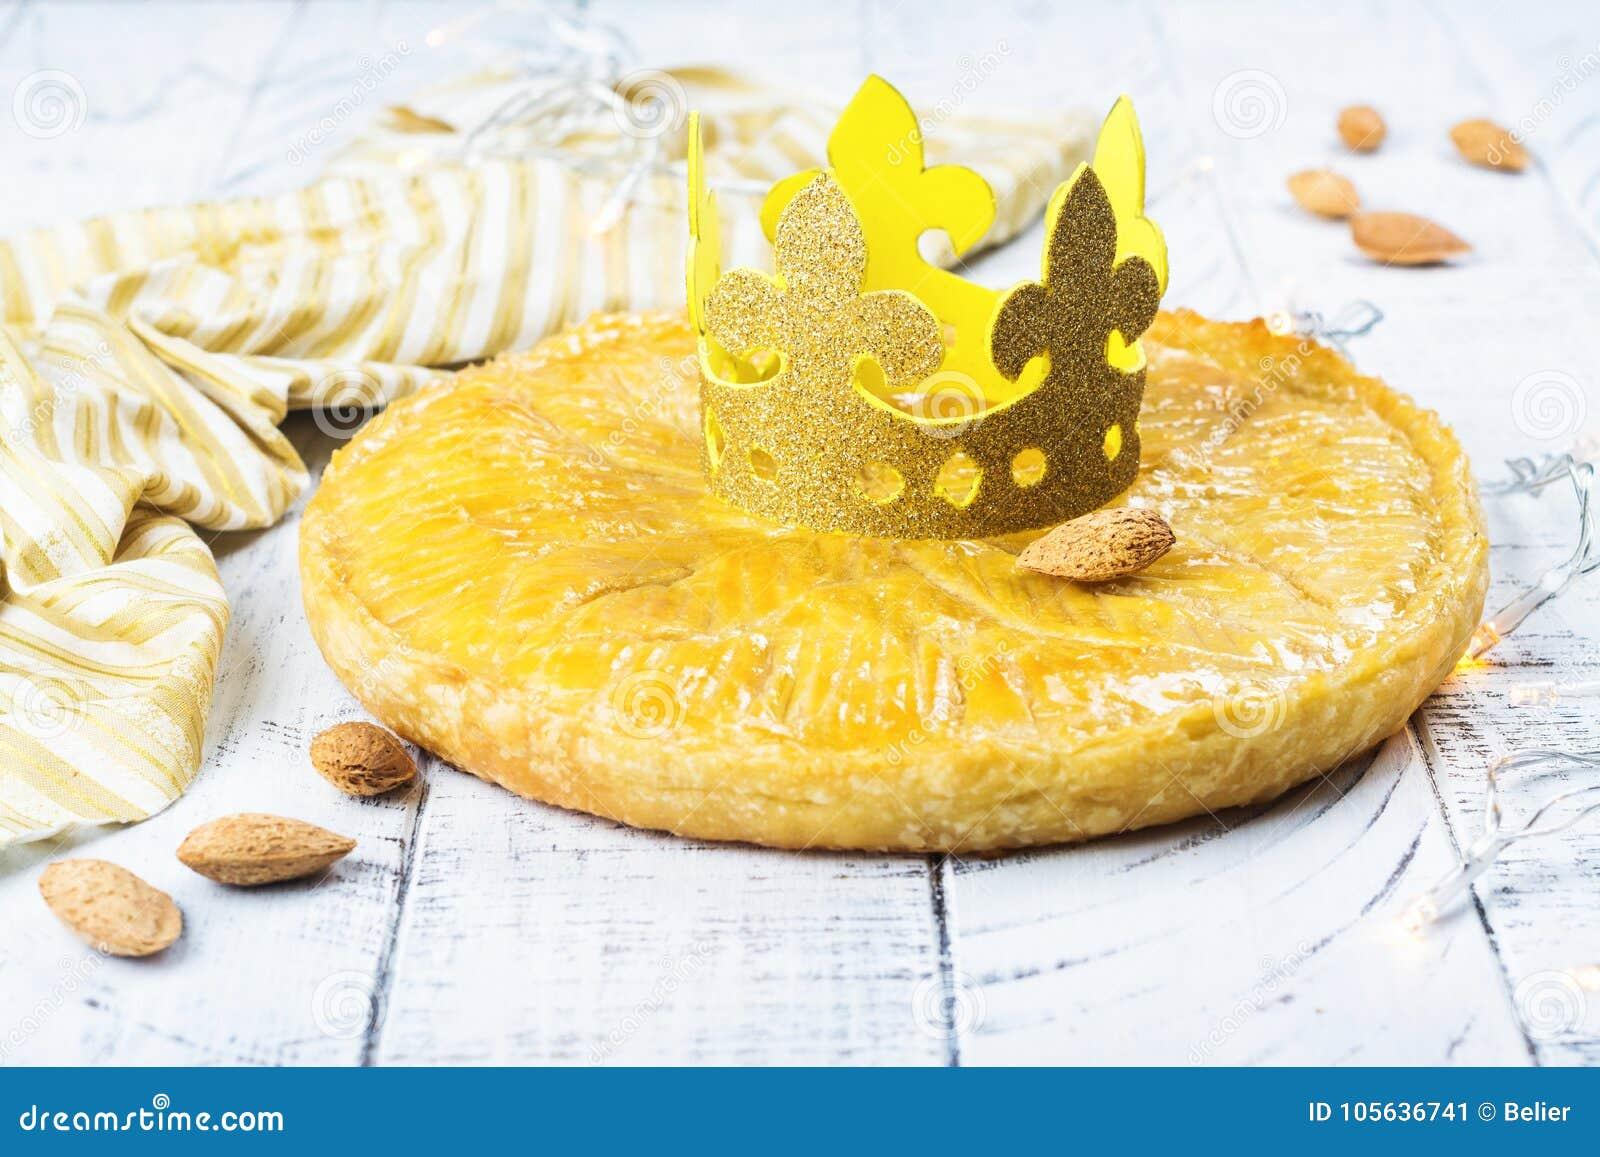 Σπιτικό κέικ Galette des Rois με τη χειροποίητη κορώνα βασιλιάδων Παραδοσιακό γαλλικό κέικ Epiphany με το επίγειο αμύγδαλο